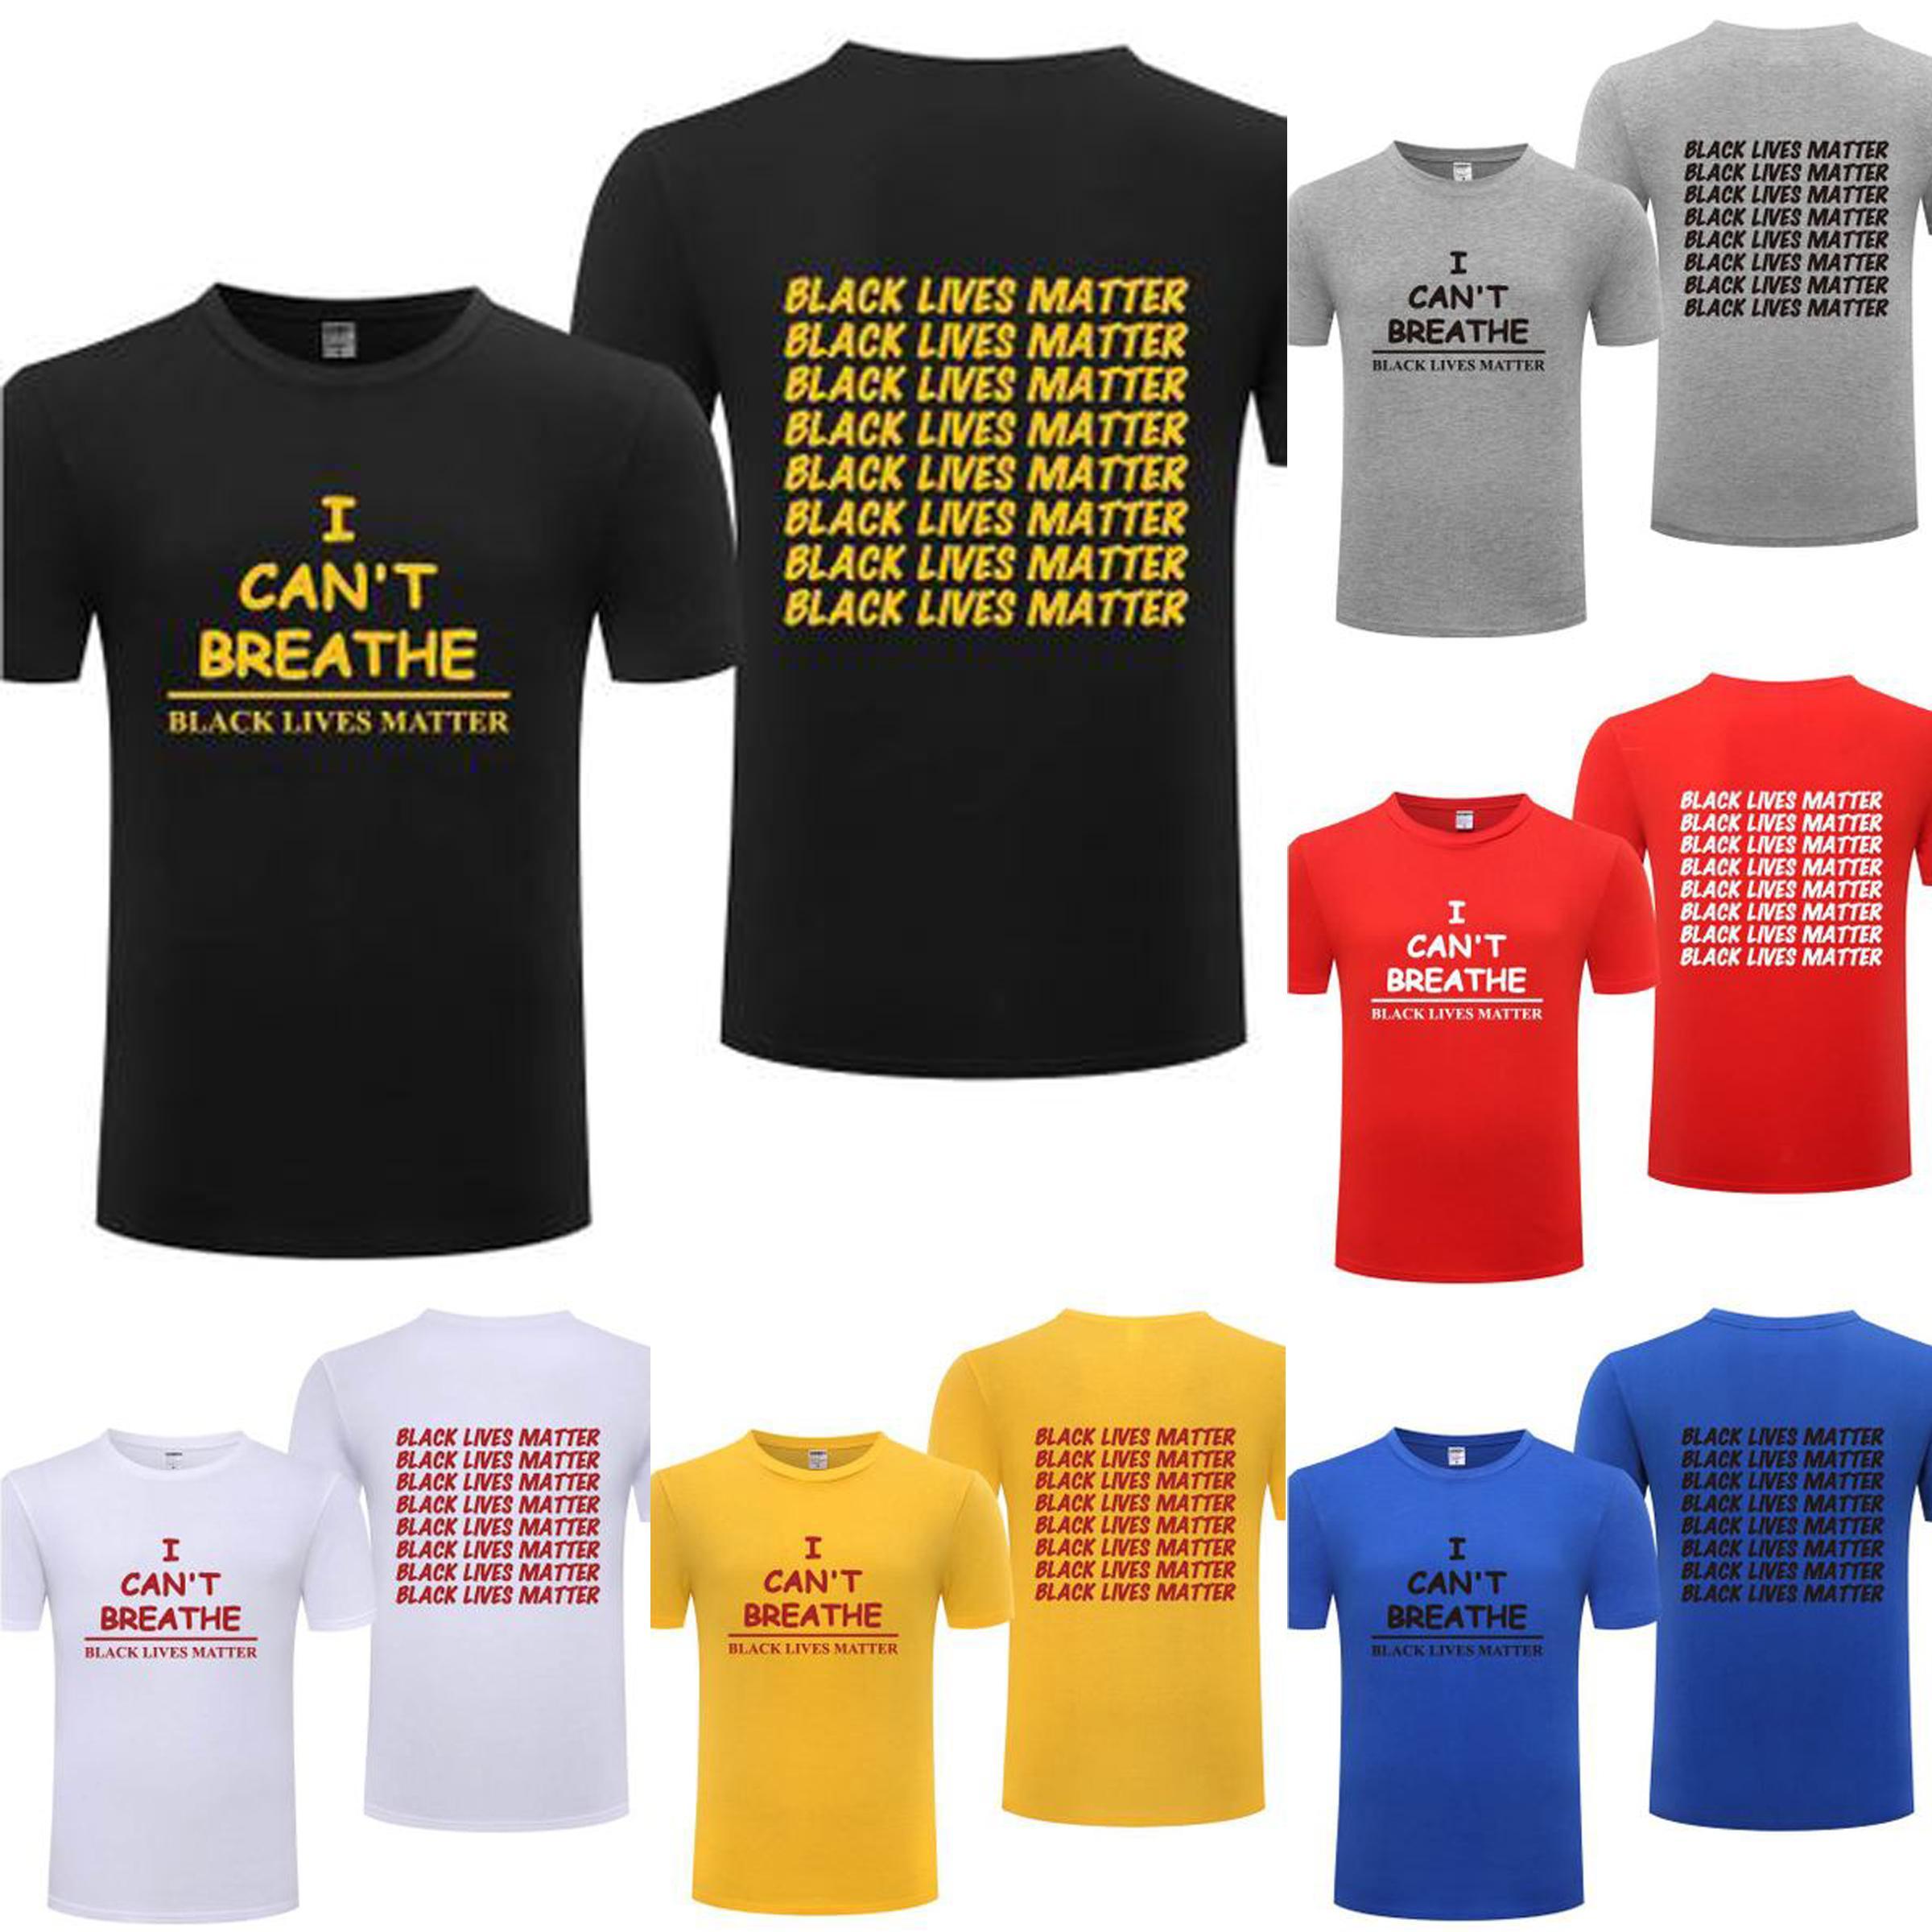 17 colori Nero Abita Materia Mens T Shirt Lettera I Cant Breathe Top 2020 Summer Fashion Streetwear per le lotte Parade Donna Nuovo Uguaglianza